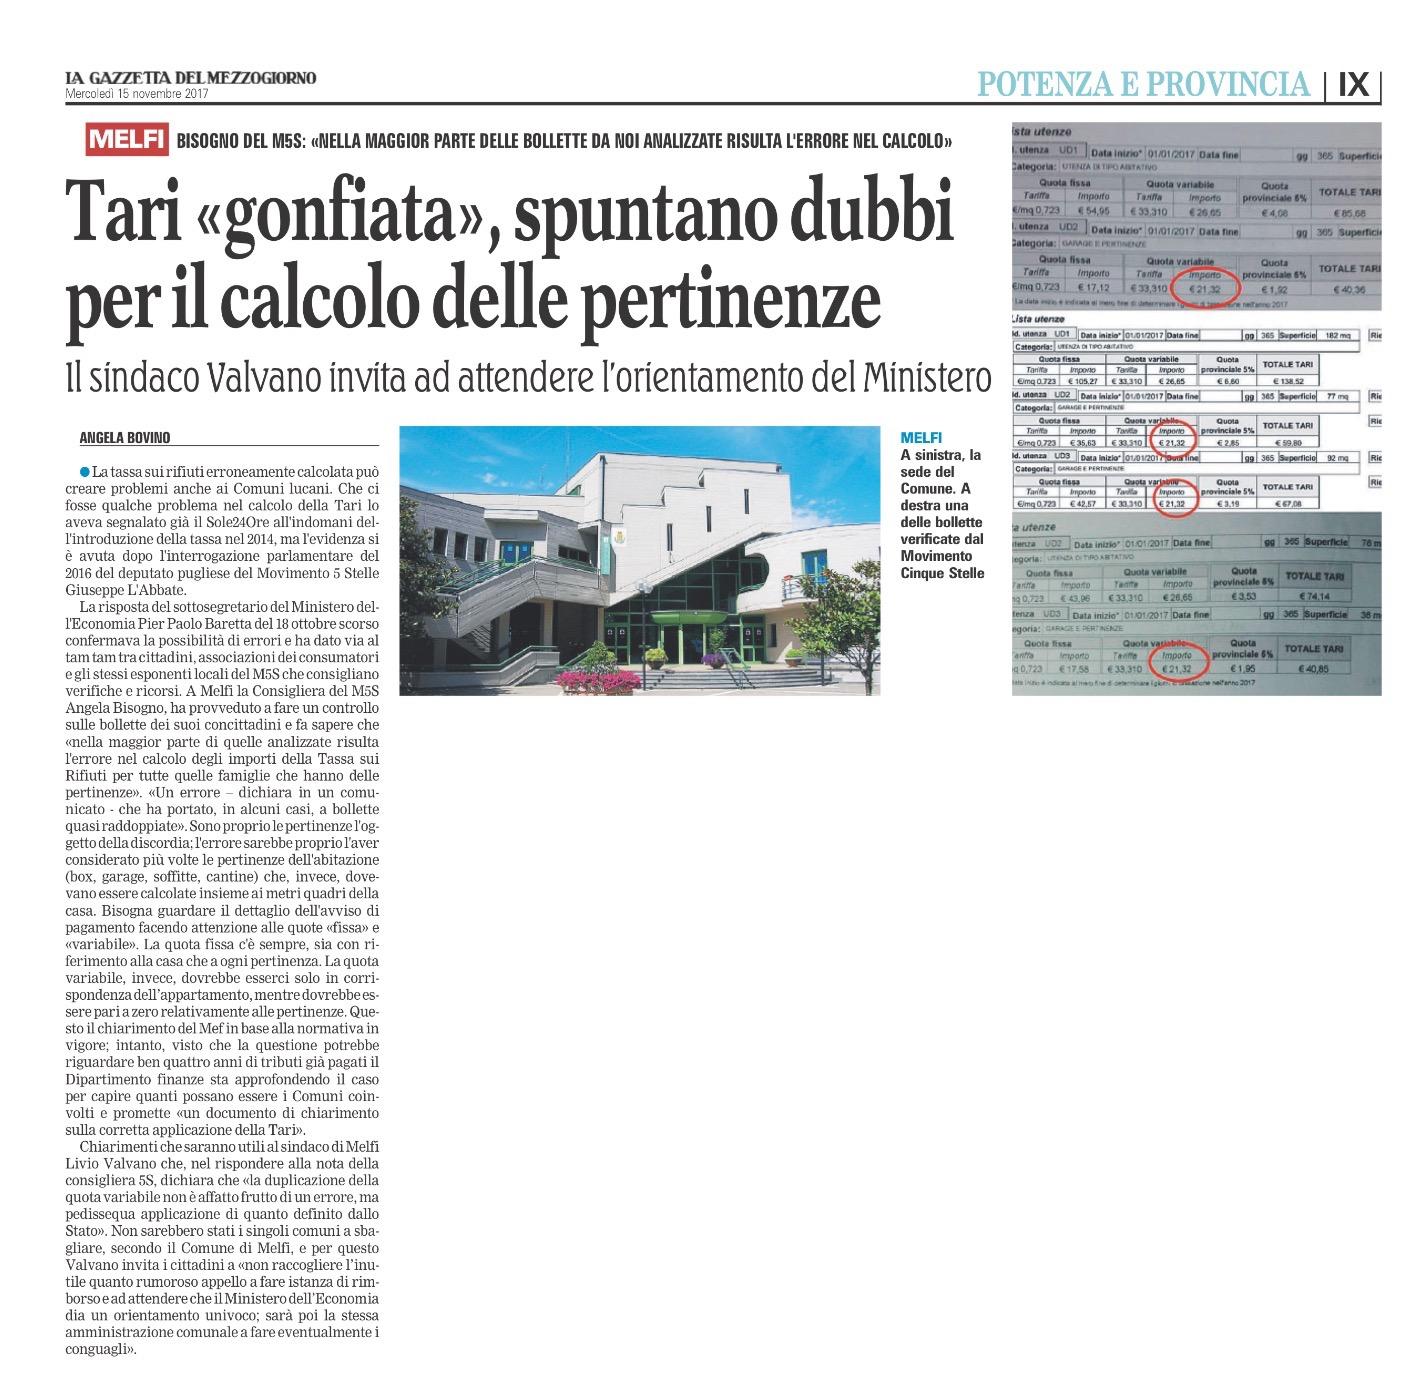 La Gazzetta del Mezzogiorno - Basilicata - 15.11.2017